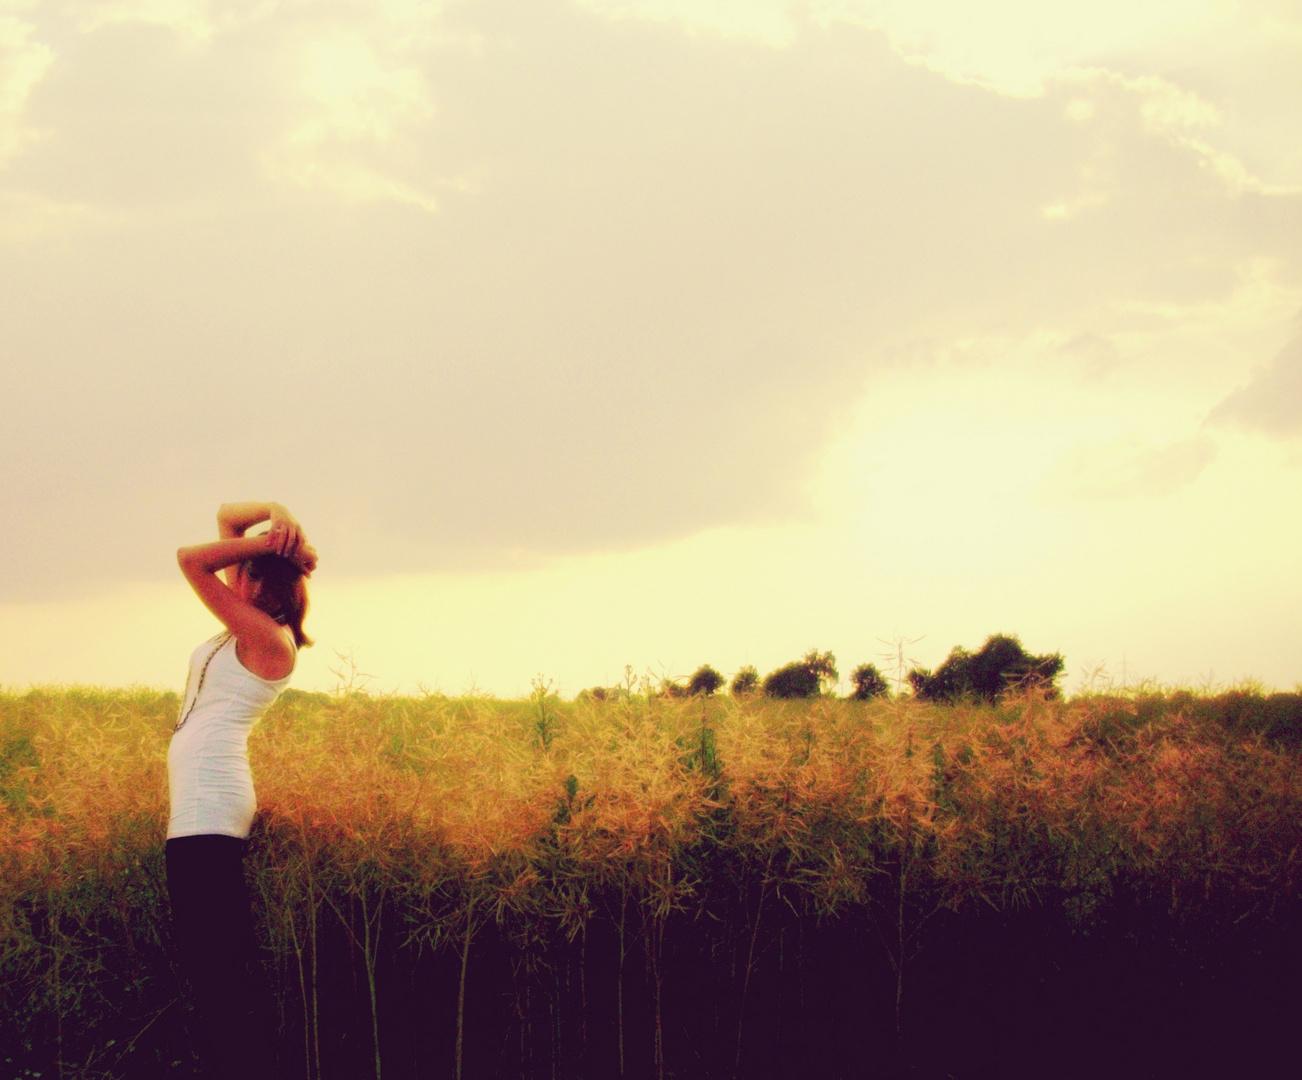 Erinner mich lieber an die unkomplizierten, kleinen Momente, in dennen garnichts los ist.